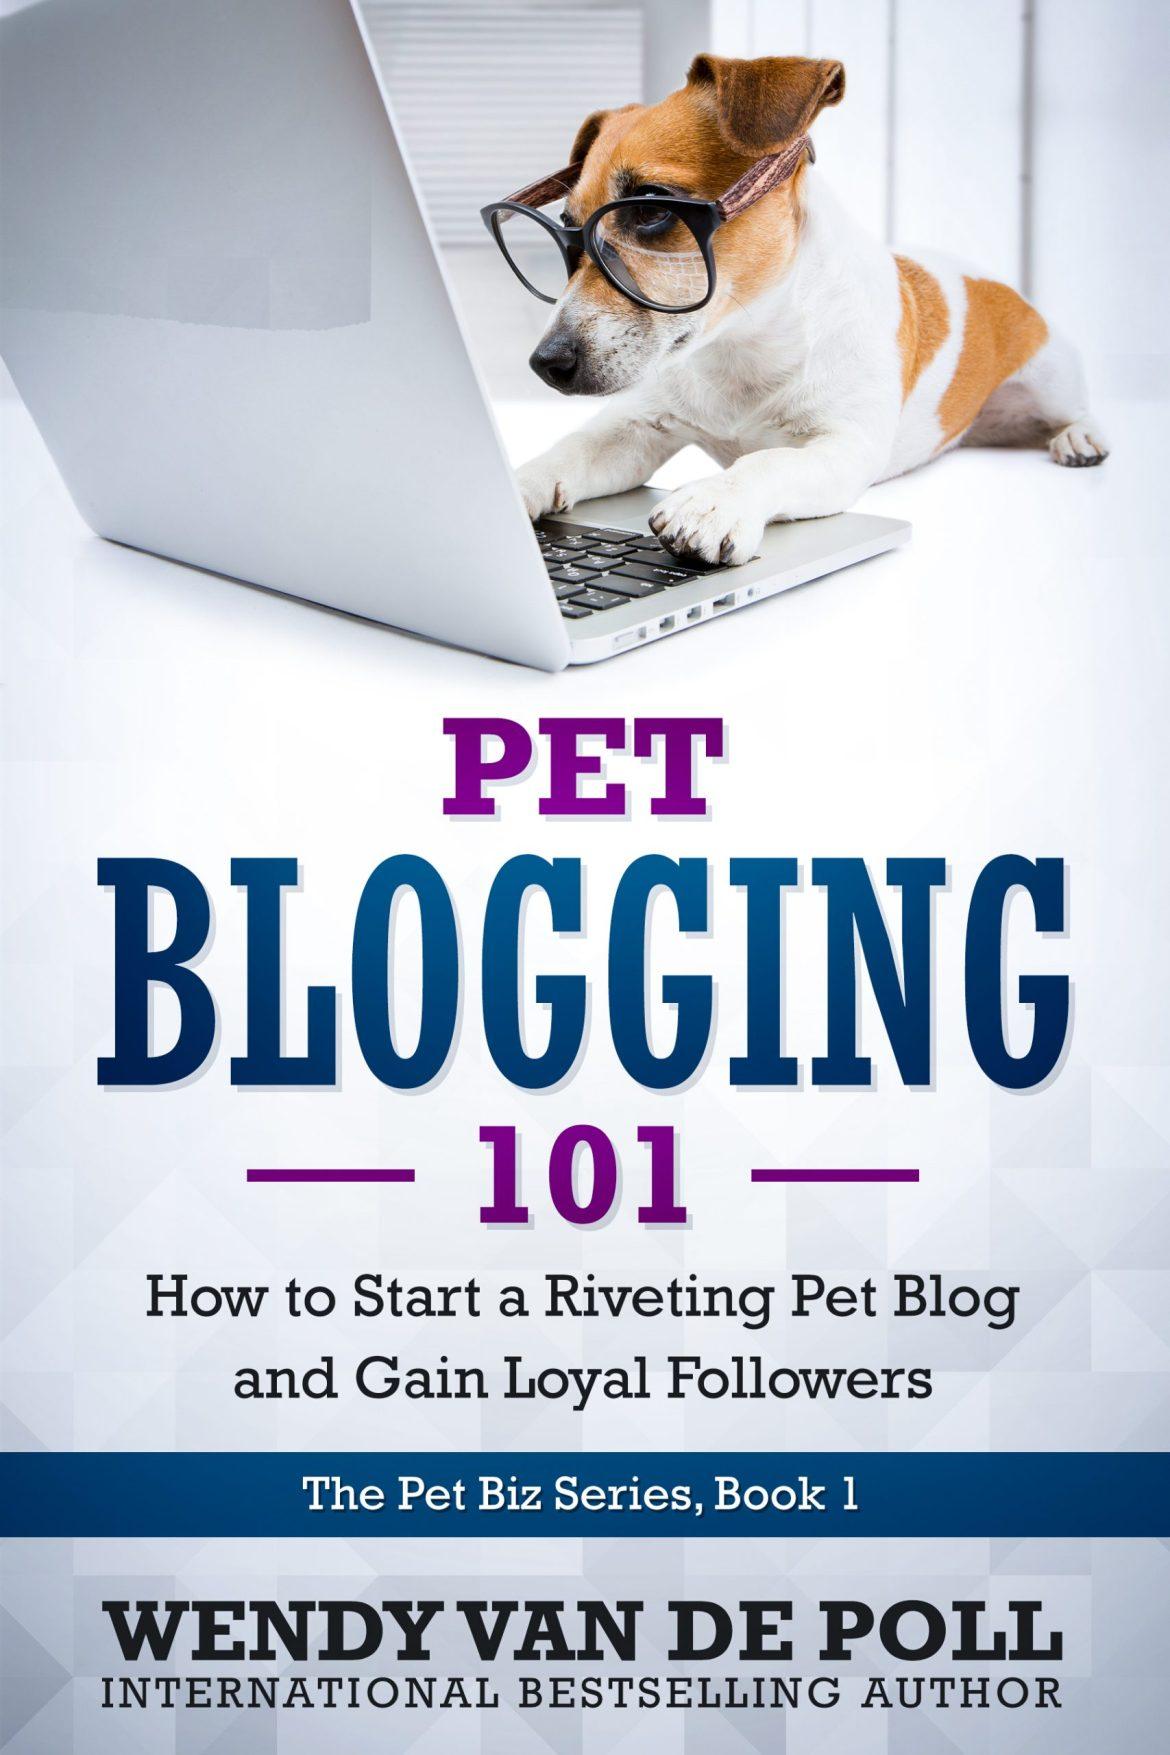 Pet Blogging 101 by Wendy Van de Poll